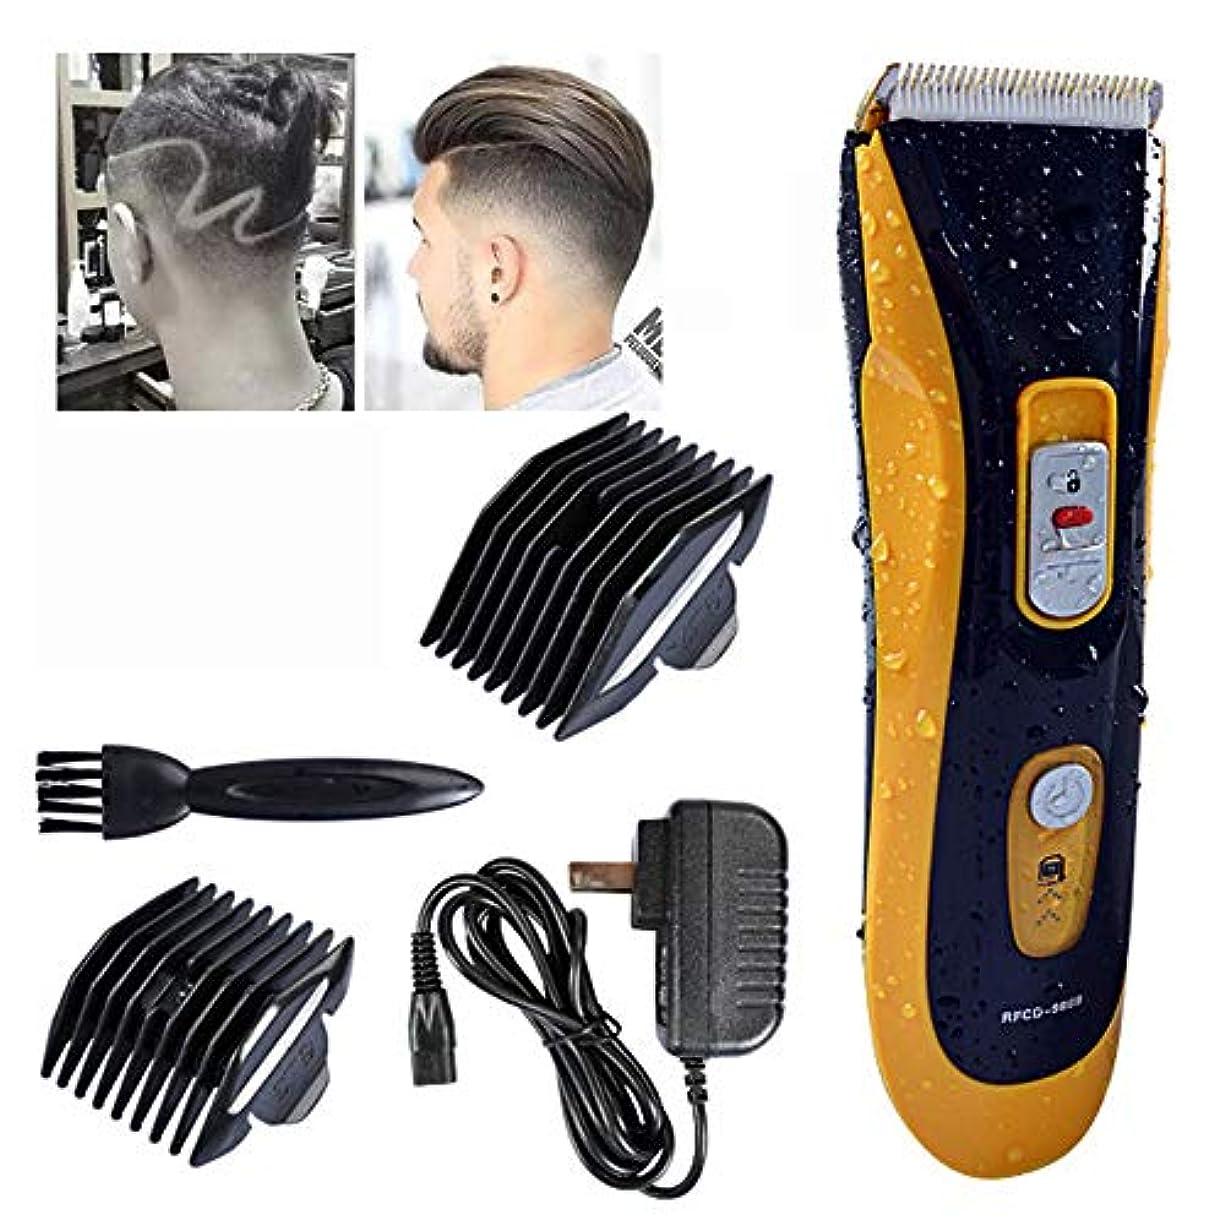 ボタンミネラル優れましたメンズバリカンミュート電動バリカン理髪プロフェッショナル電動バリカンユニバーサル電動フェーダー洗える